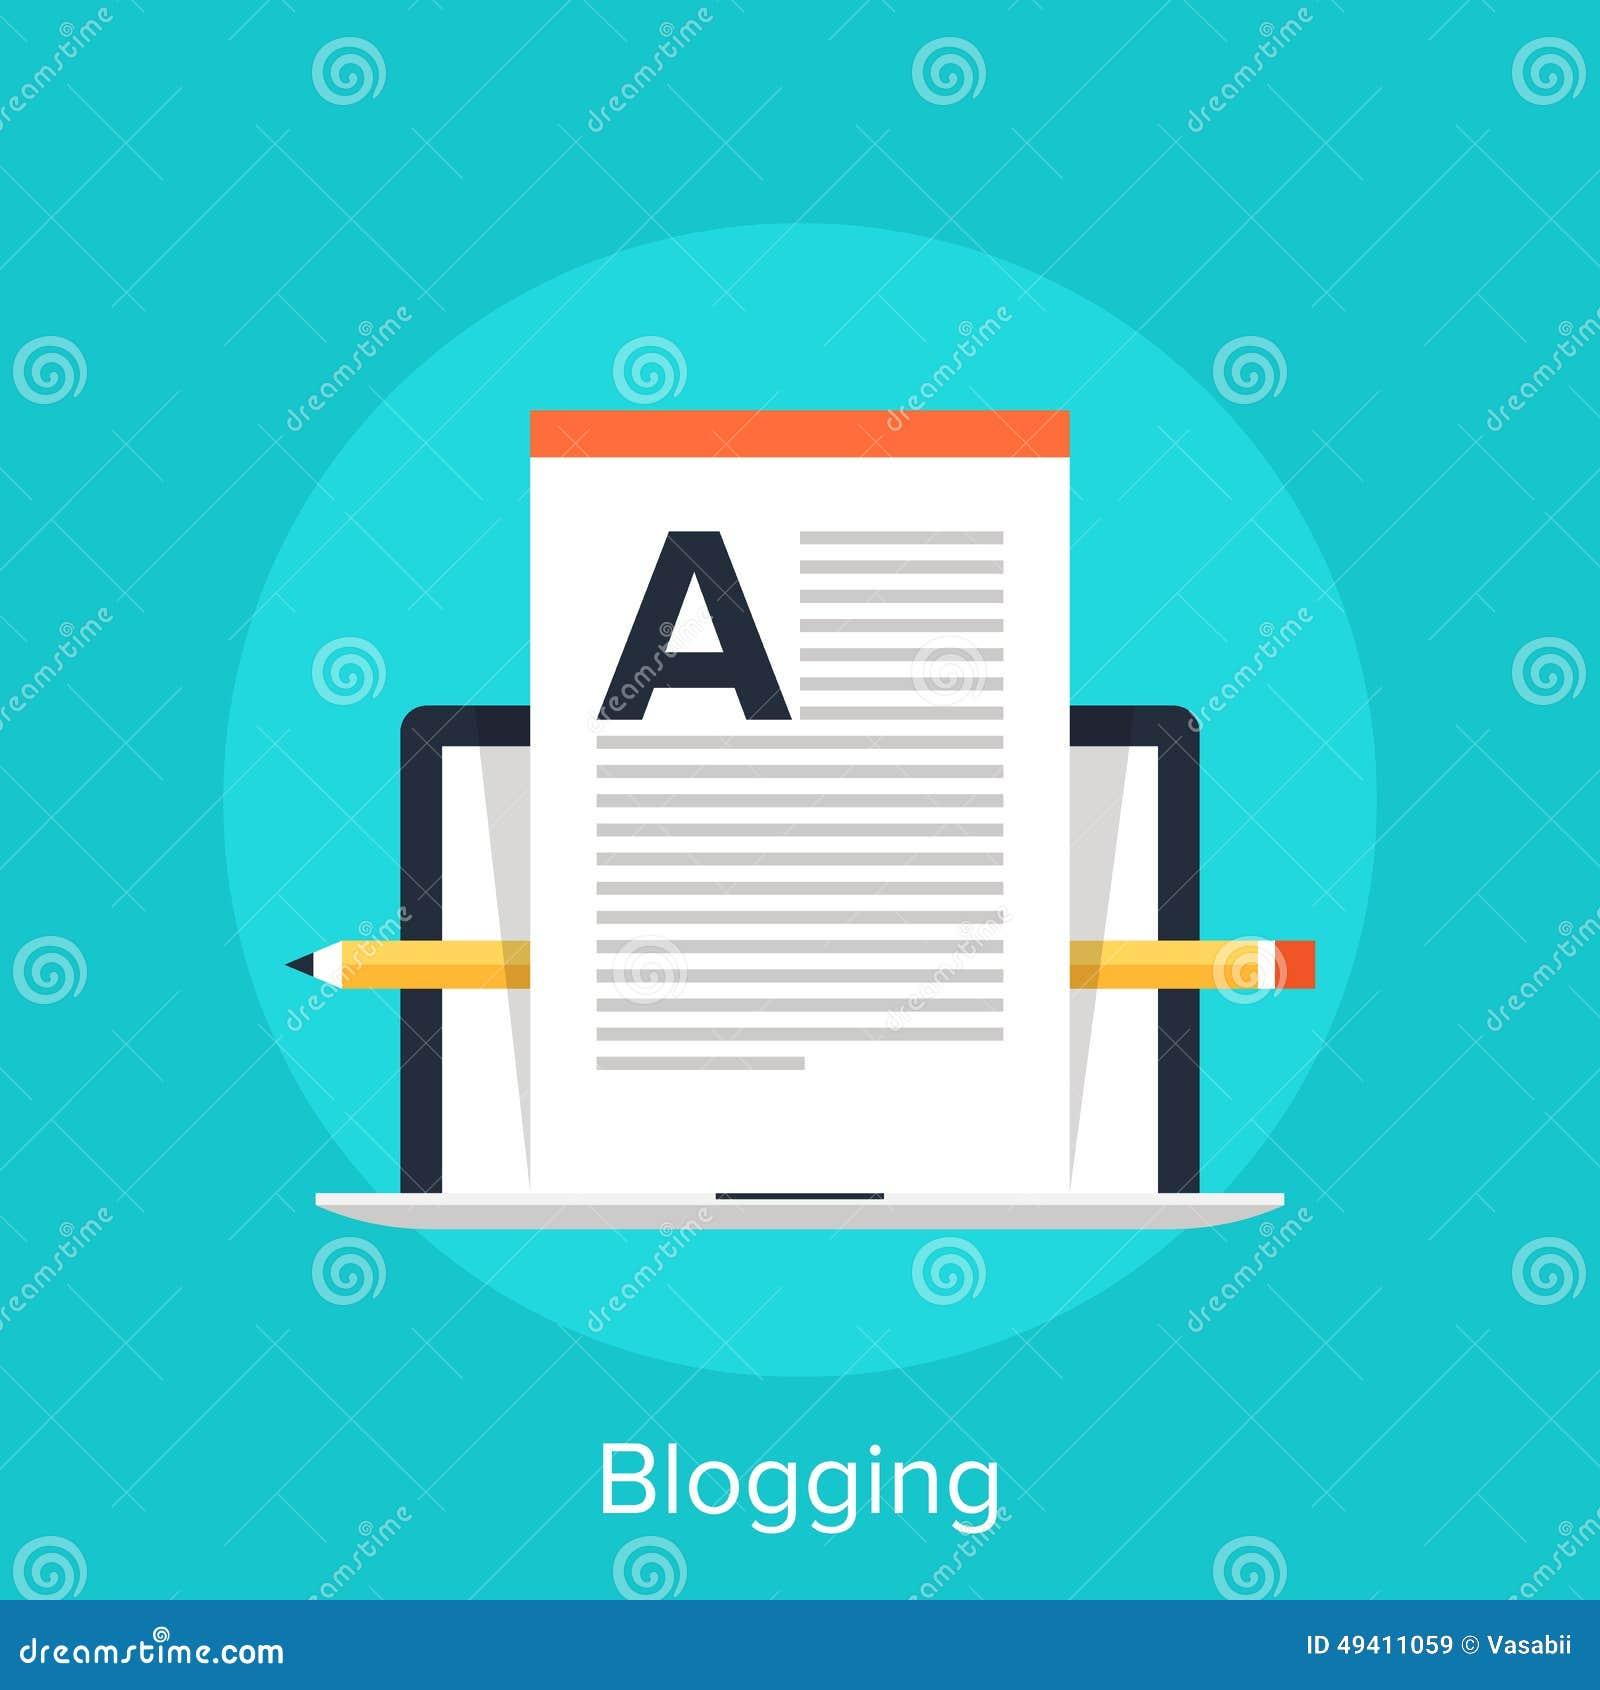 Download Blogging stockbild. Bild von einheit, post, schnittstelle - 49411059